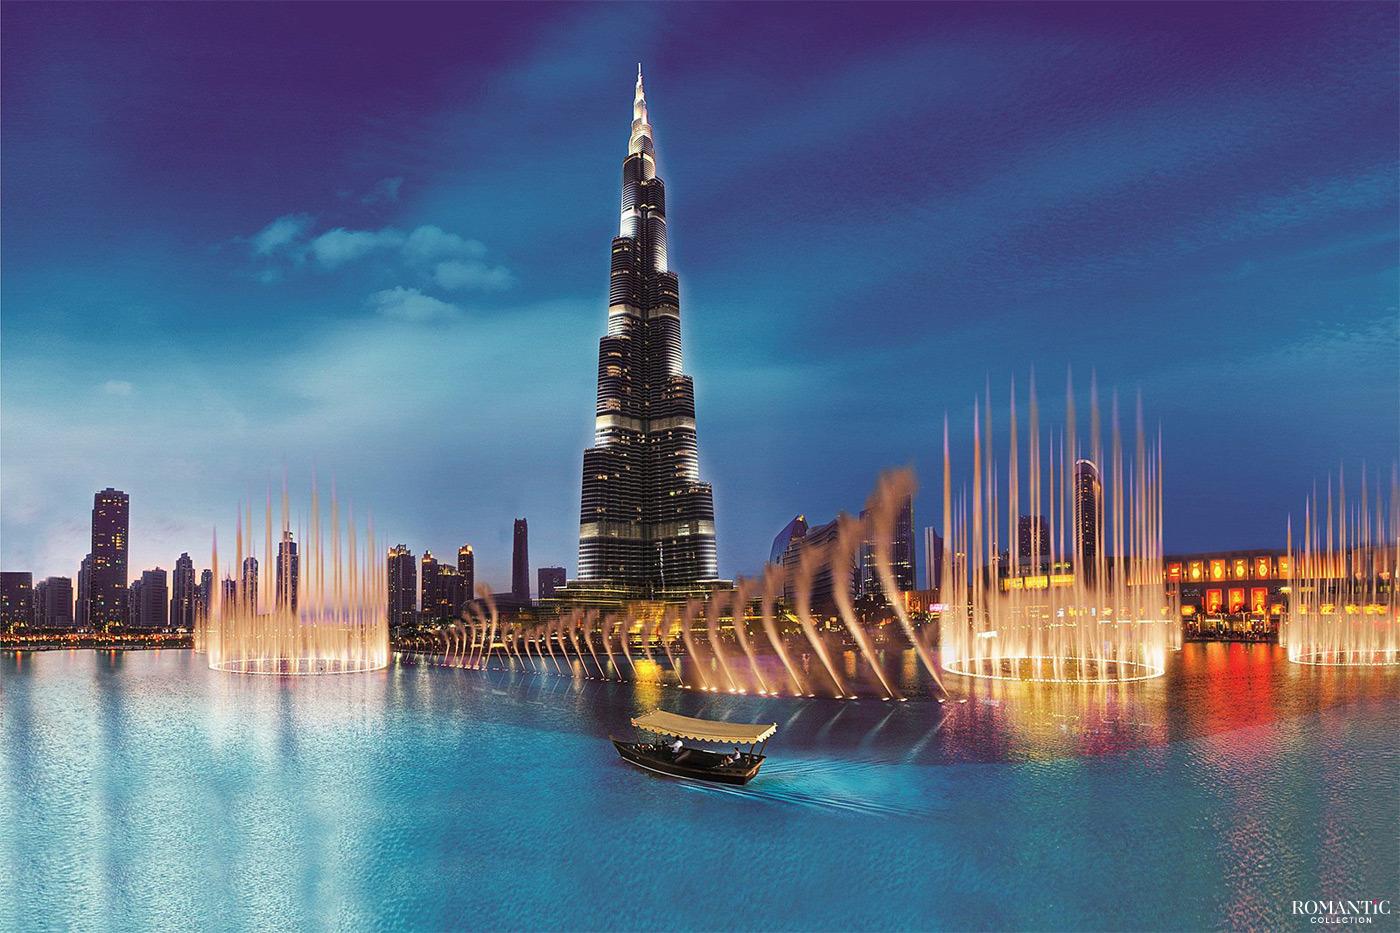 Фонтан Бурдж-Халифа. Дубай, ОАЭ